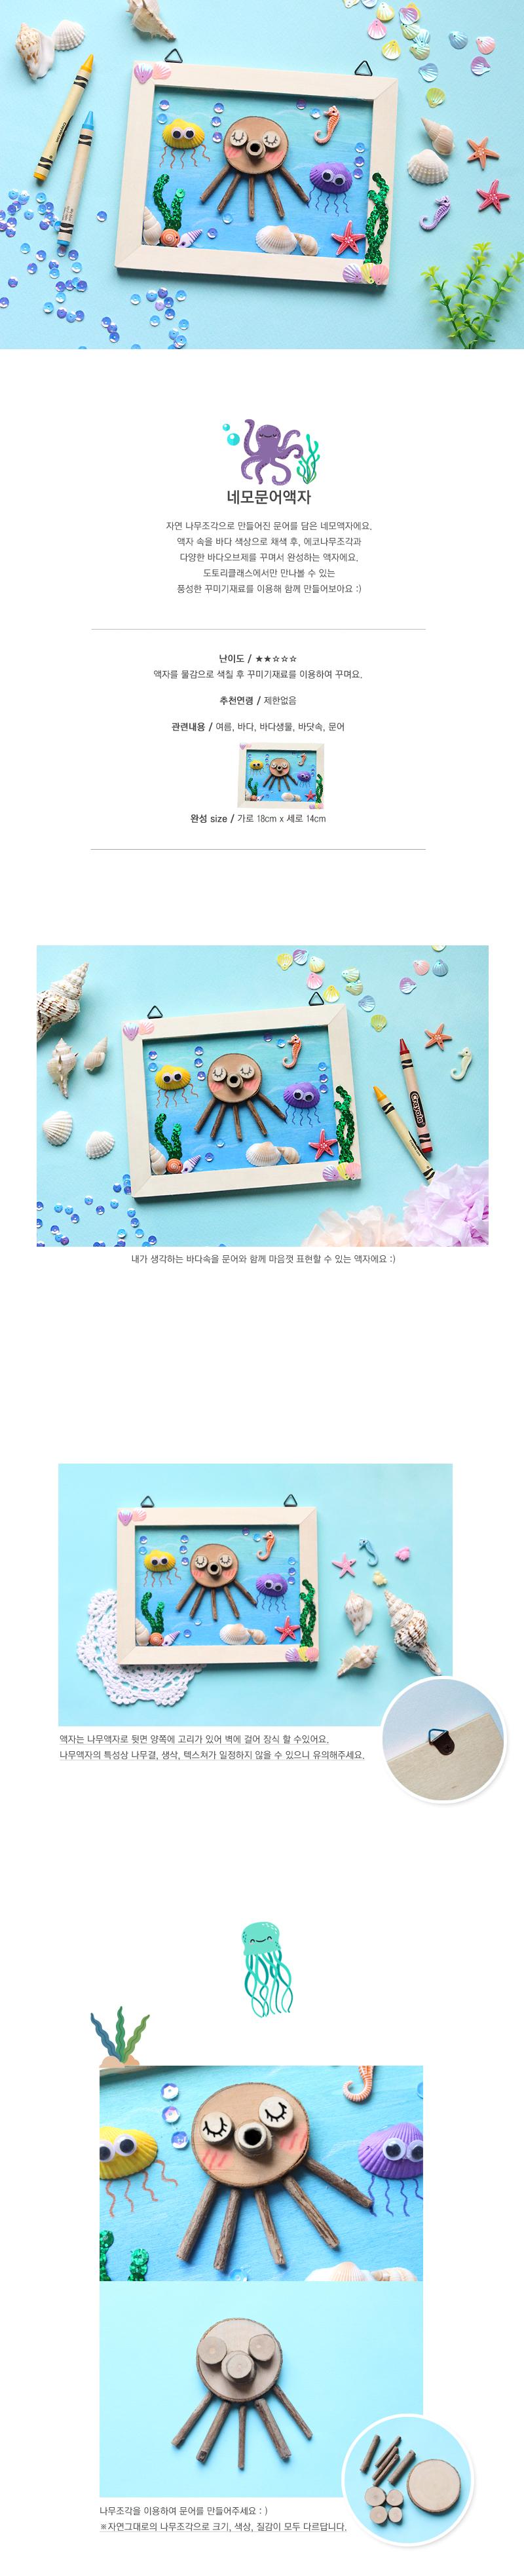 네모문어액자 5set - 도토리클래스, 14,000원, 미니어처 DIY, 미니어처 만들기 패키지